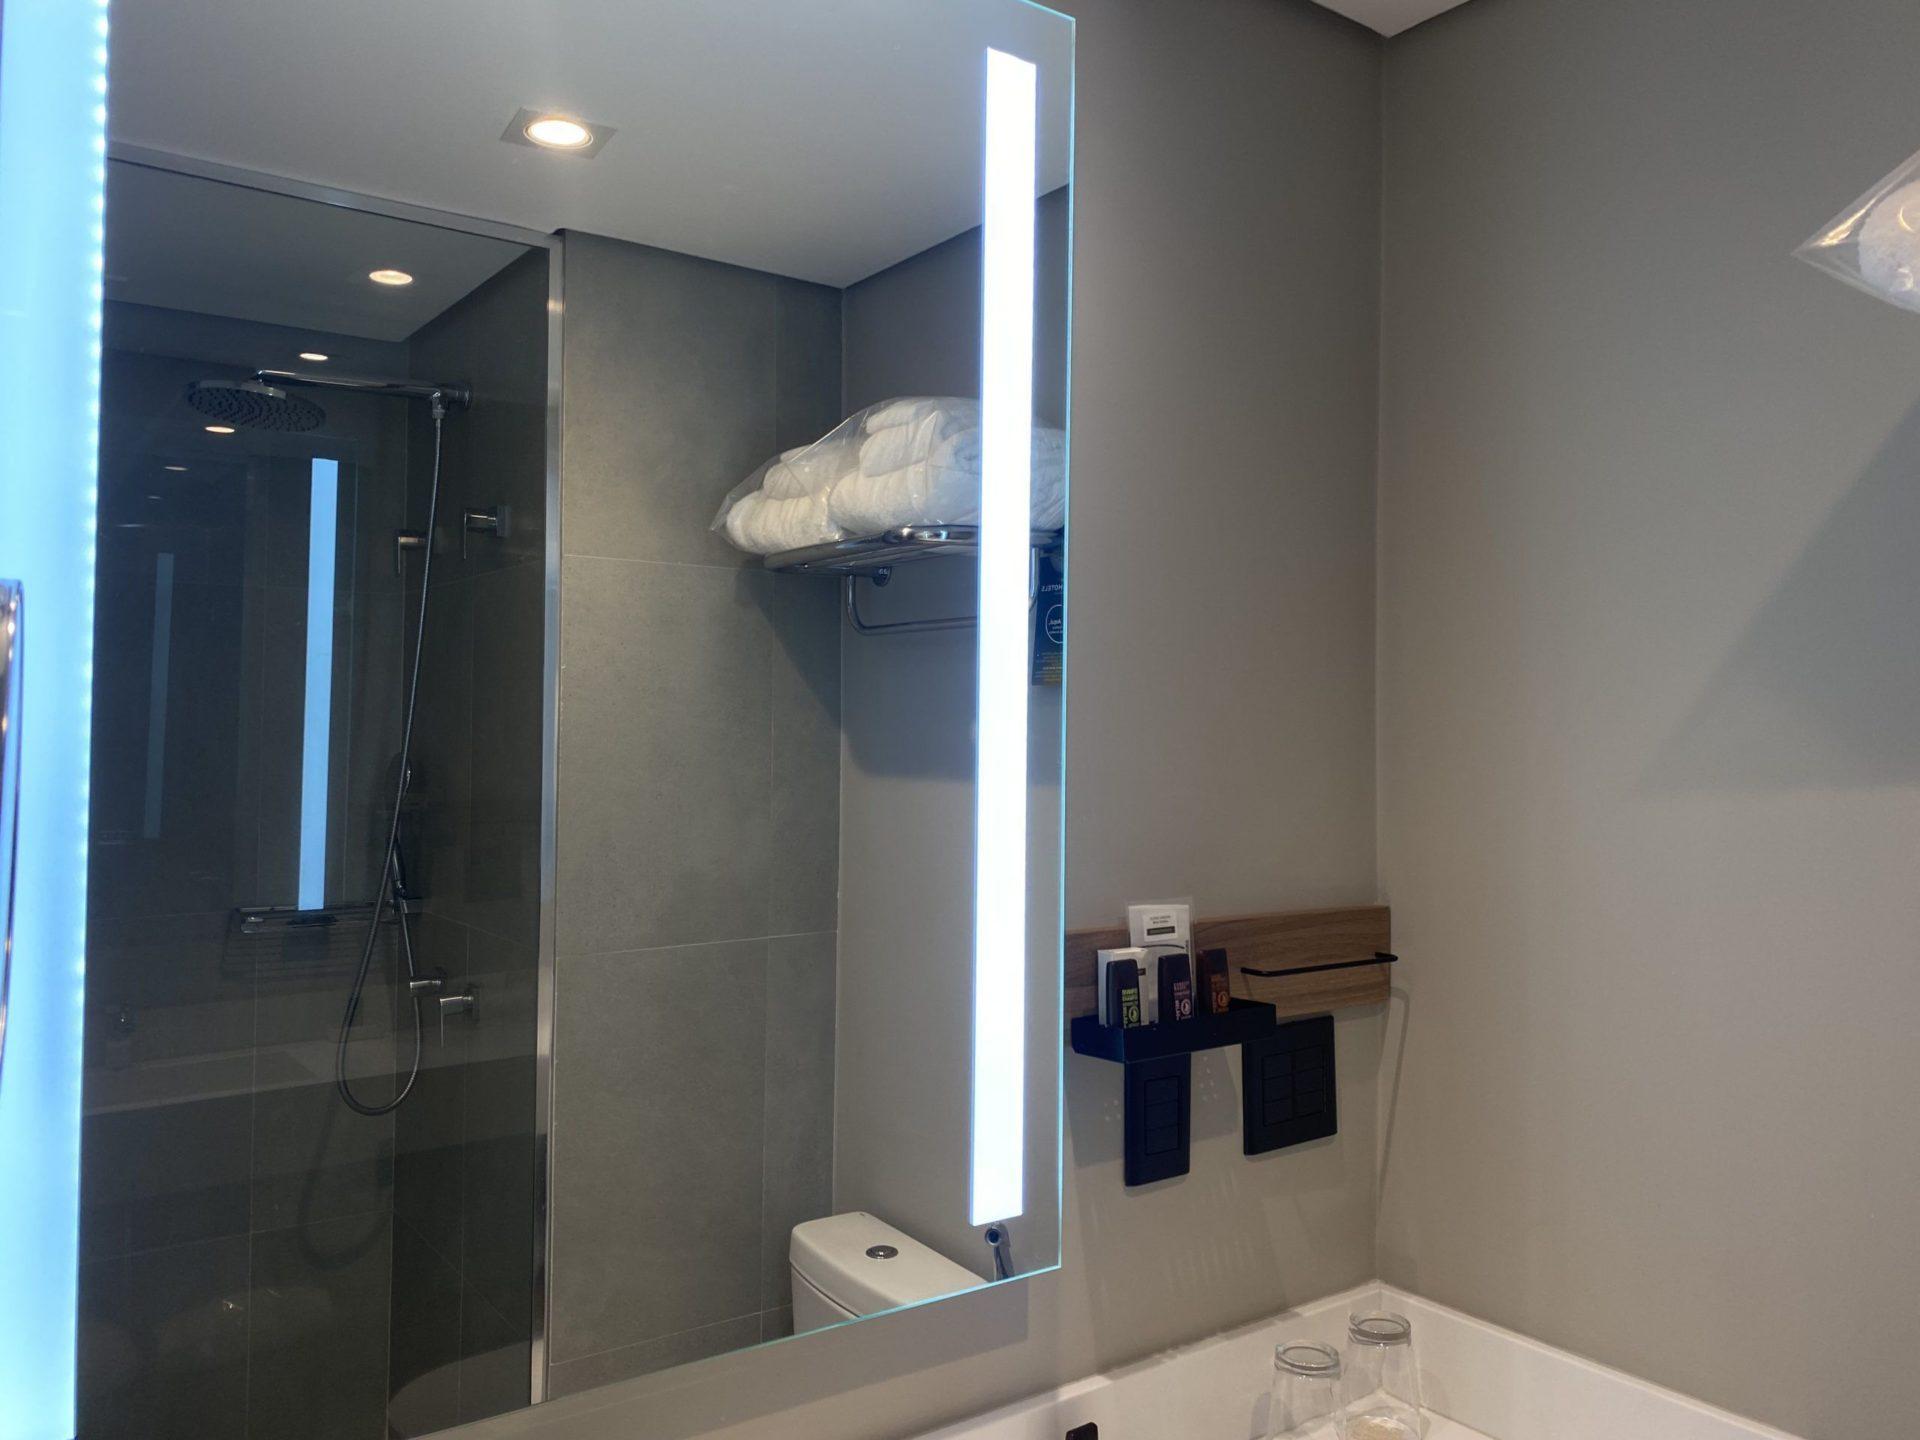 Grand Mercure sp Itaim Bibi iluminação led do banheiro